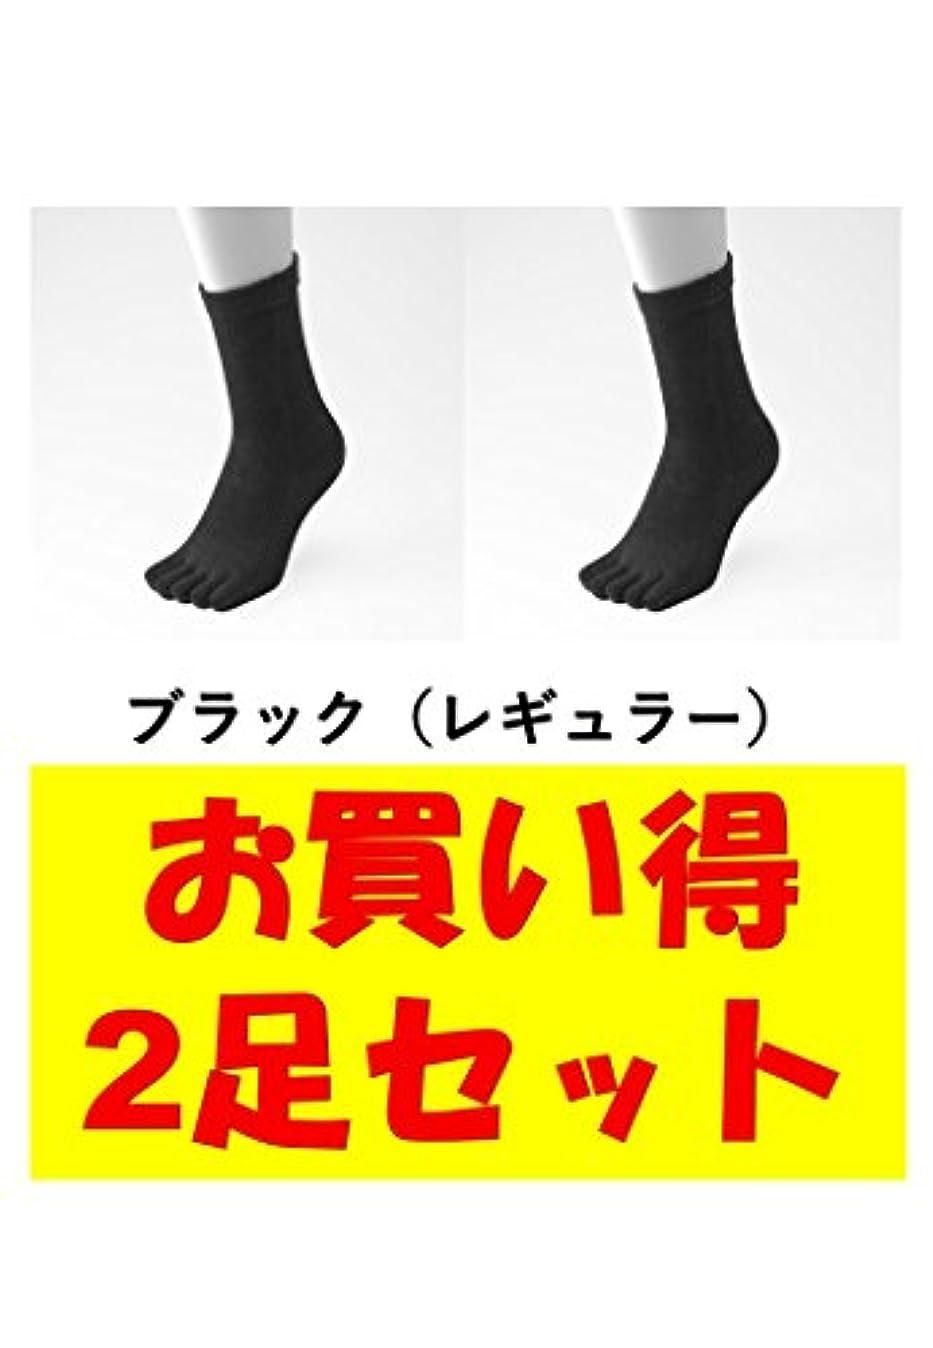 不可能な一時解雇するストレスの多いお買い得2足セット 5本指 ゆびのばソックス ゆびのばレギュラー ブラック 女性用 22.0cm-25.5cm HSREGR-BLK